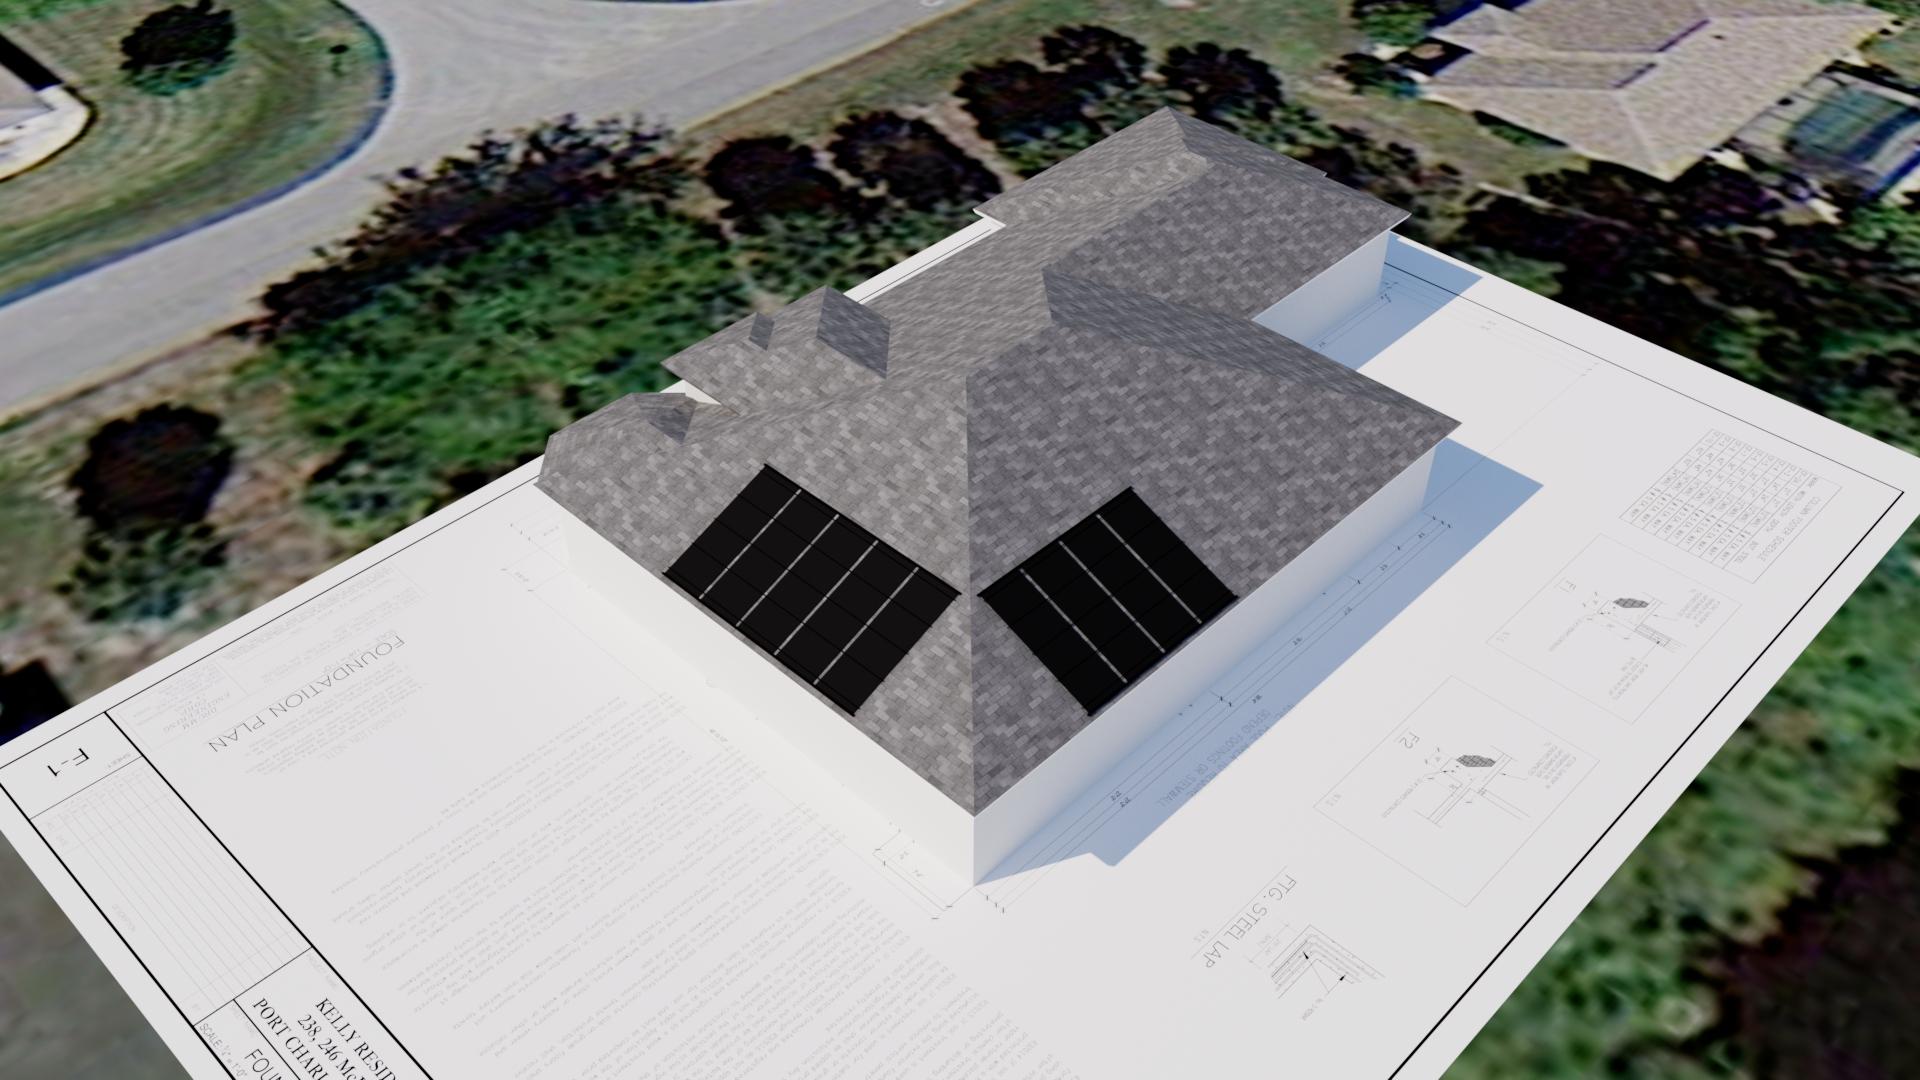 Port Charlotte Solar Pool Heater Design For New Home